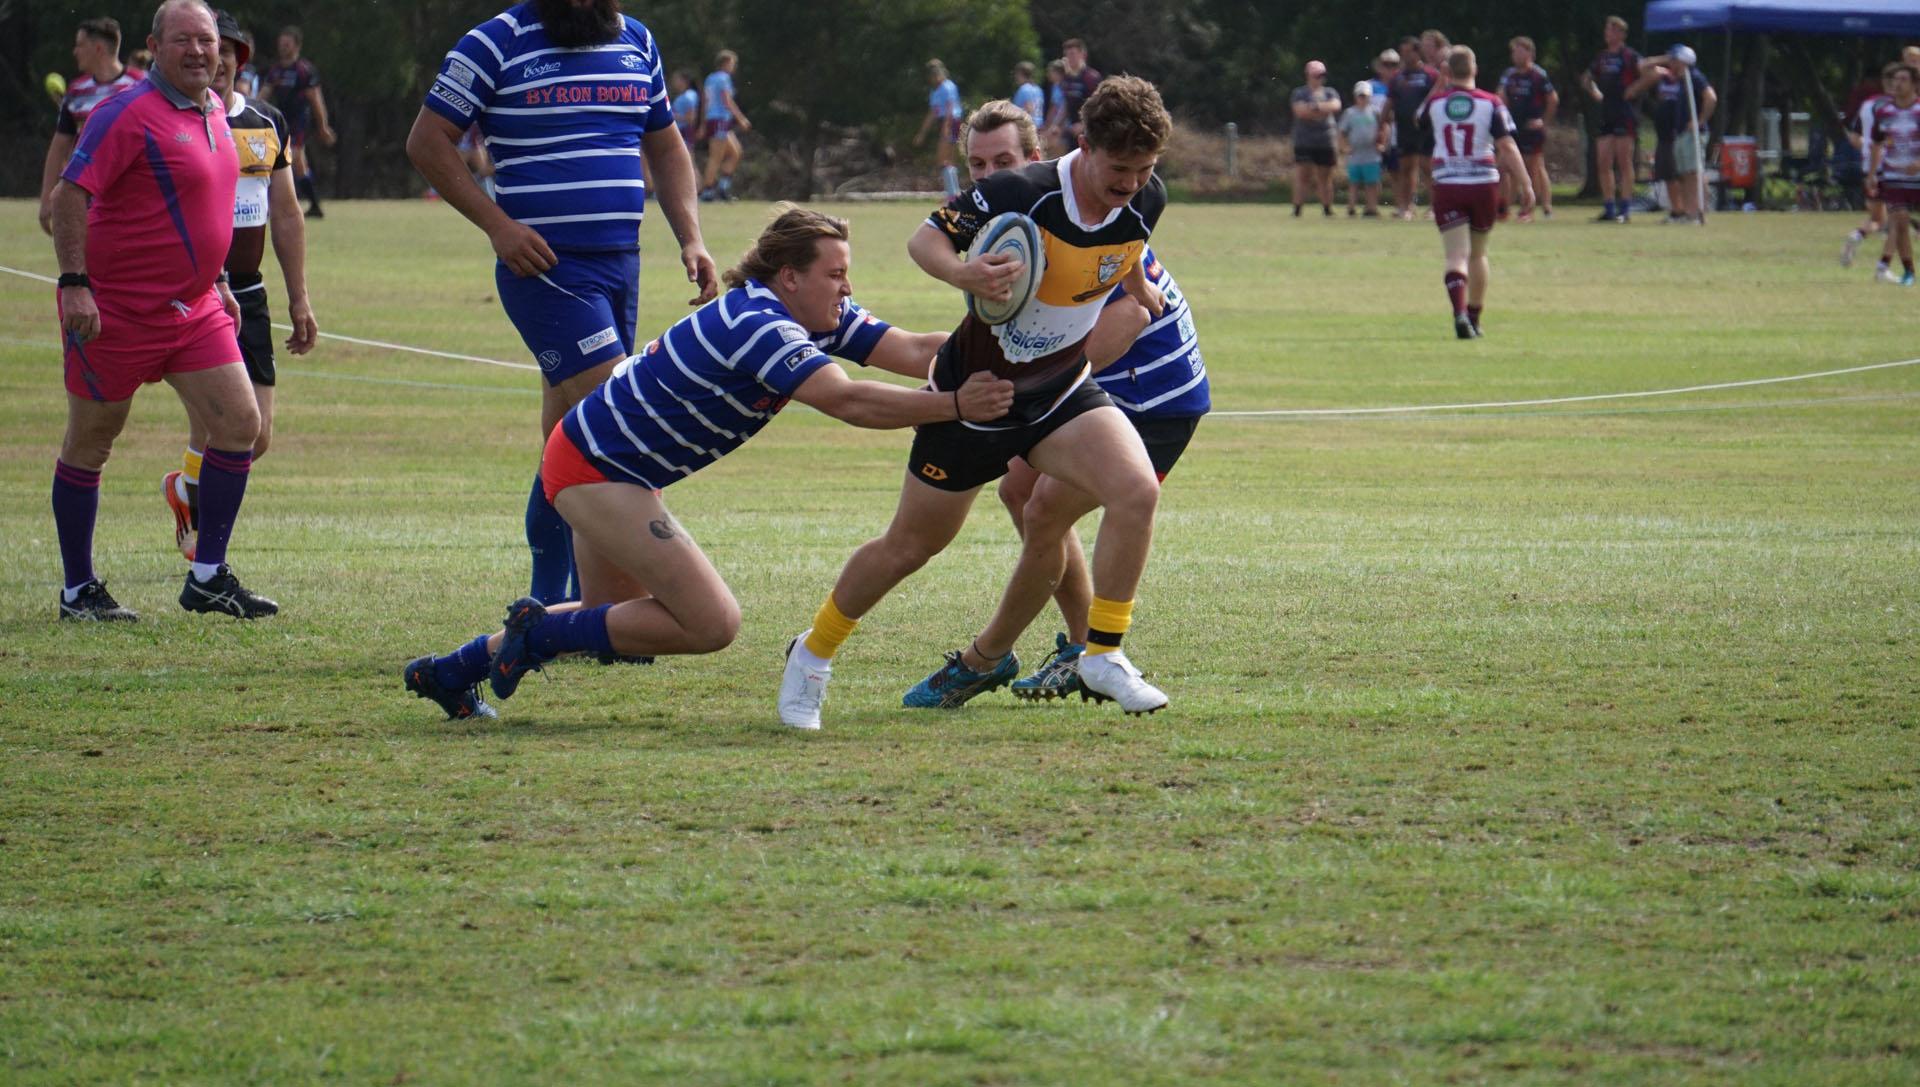 191019-20_Byron Bay Rugby 7s 2019_5